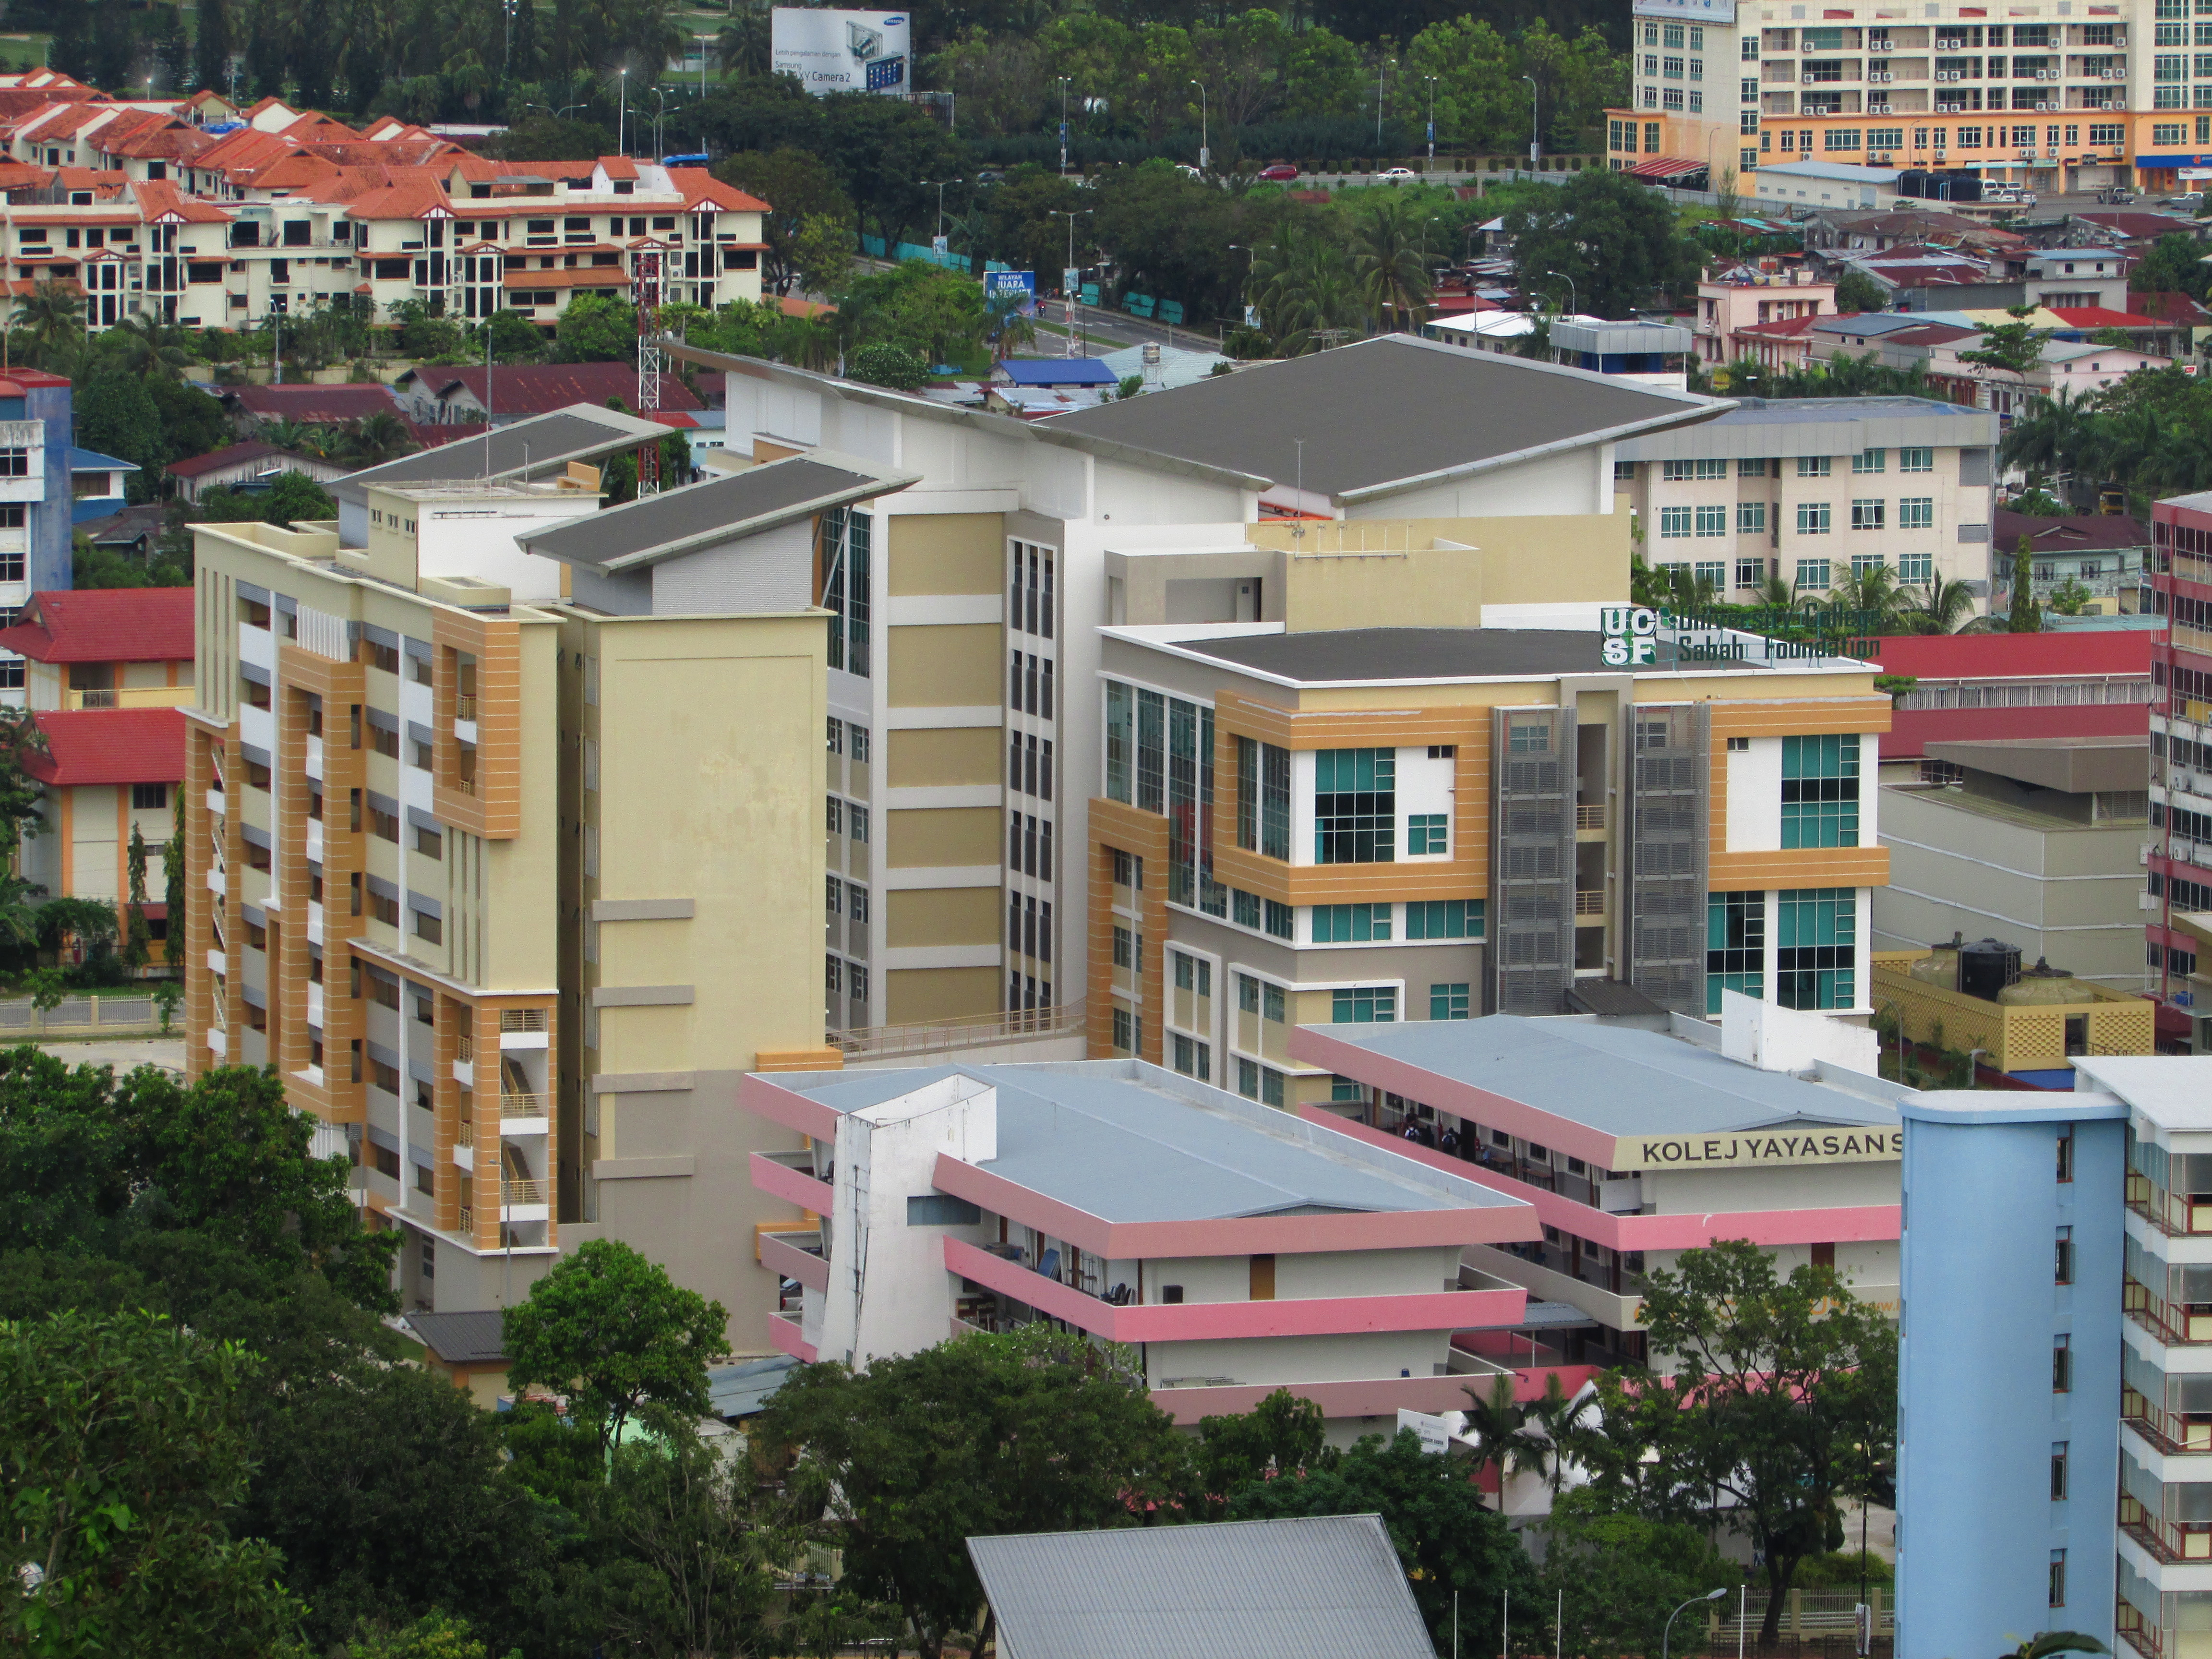 Kolej Yayasan Sabah Kys Kota Kinabalu English